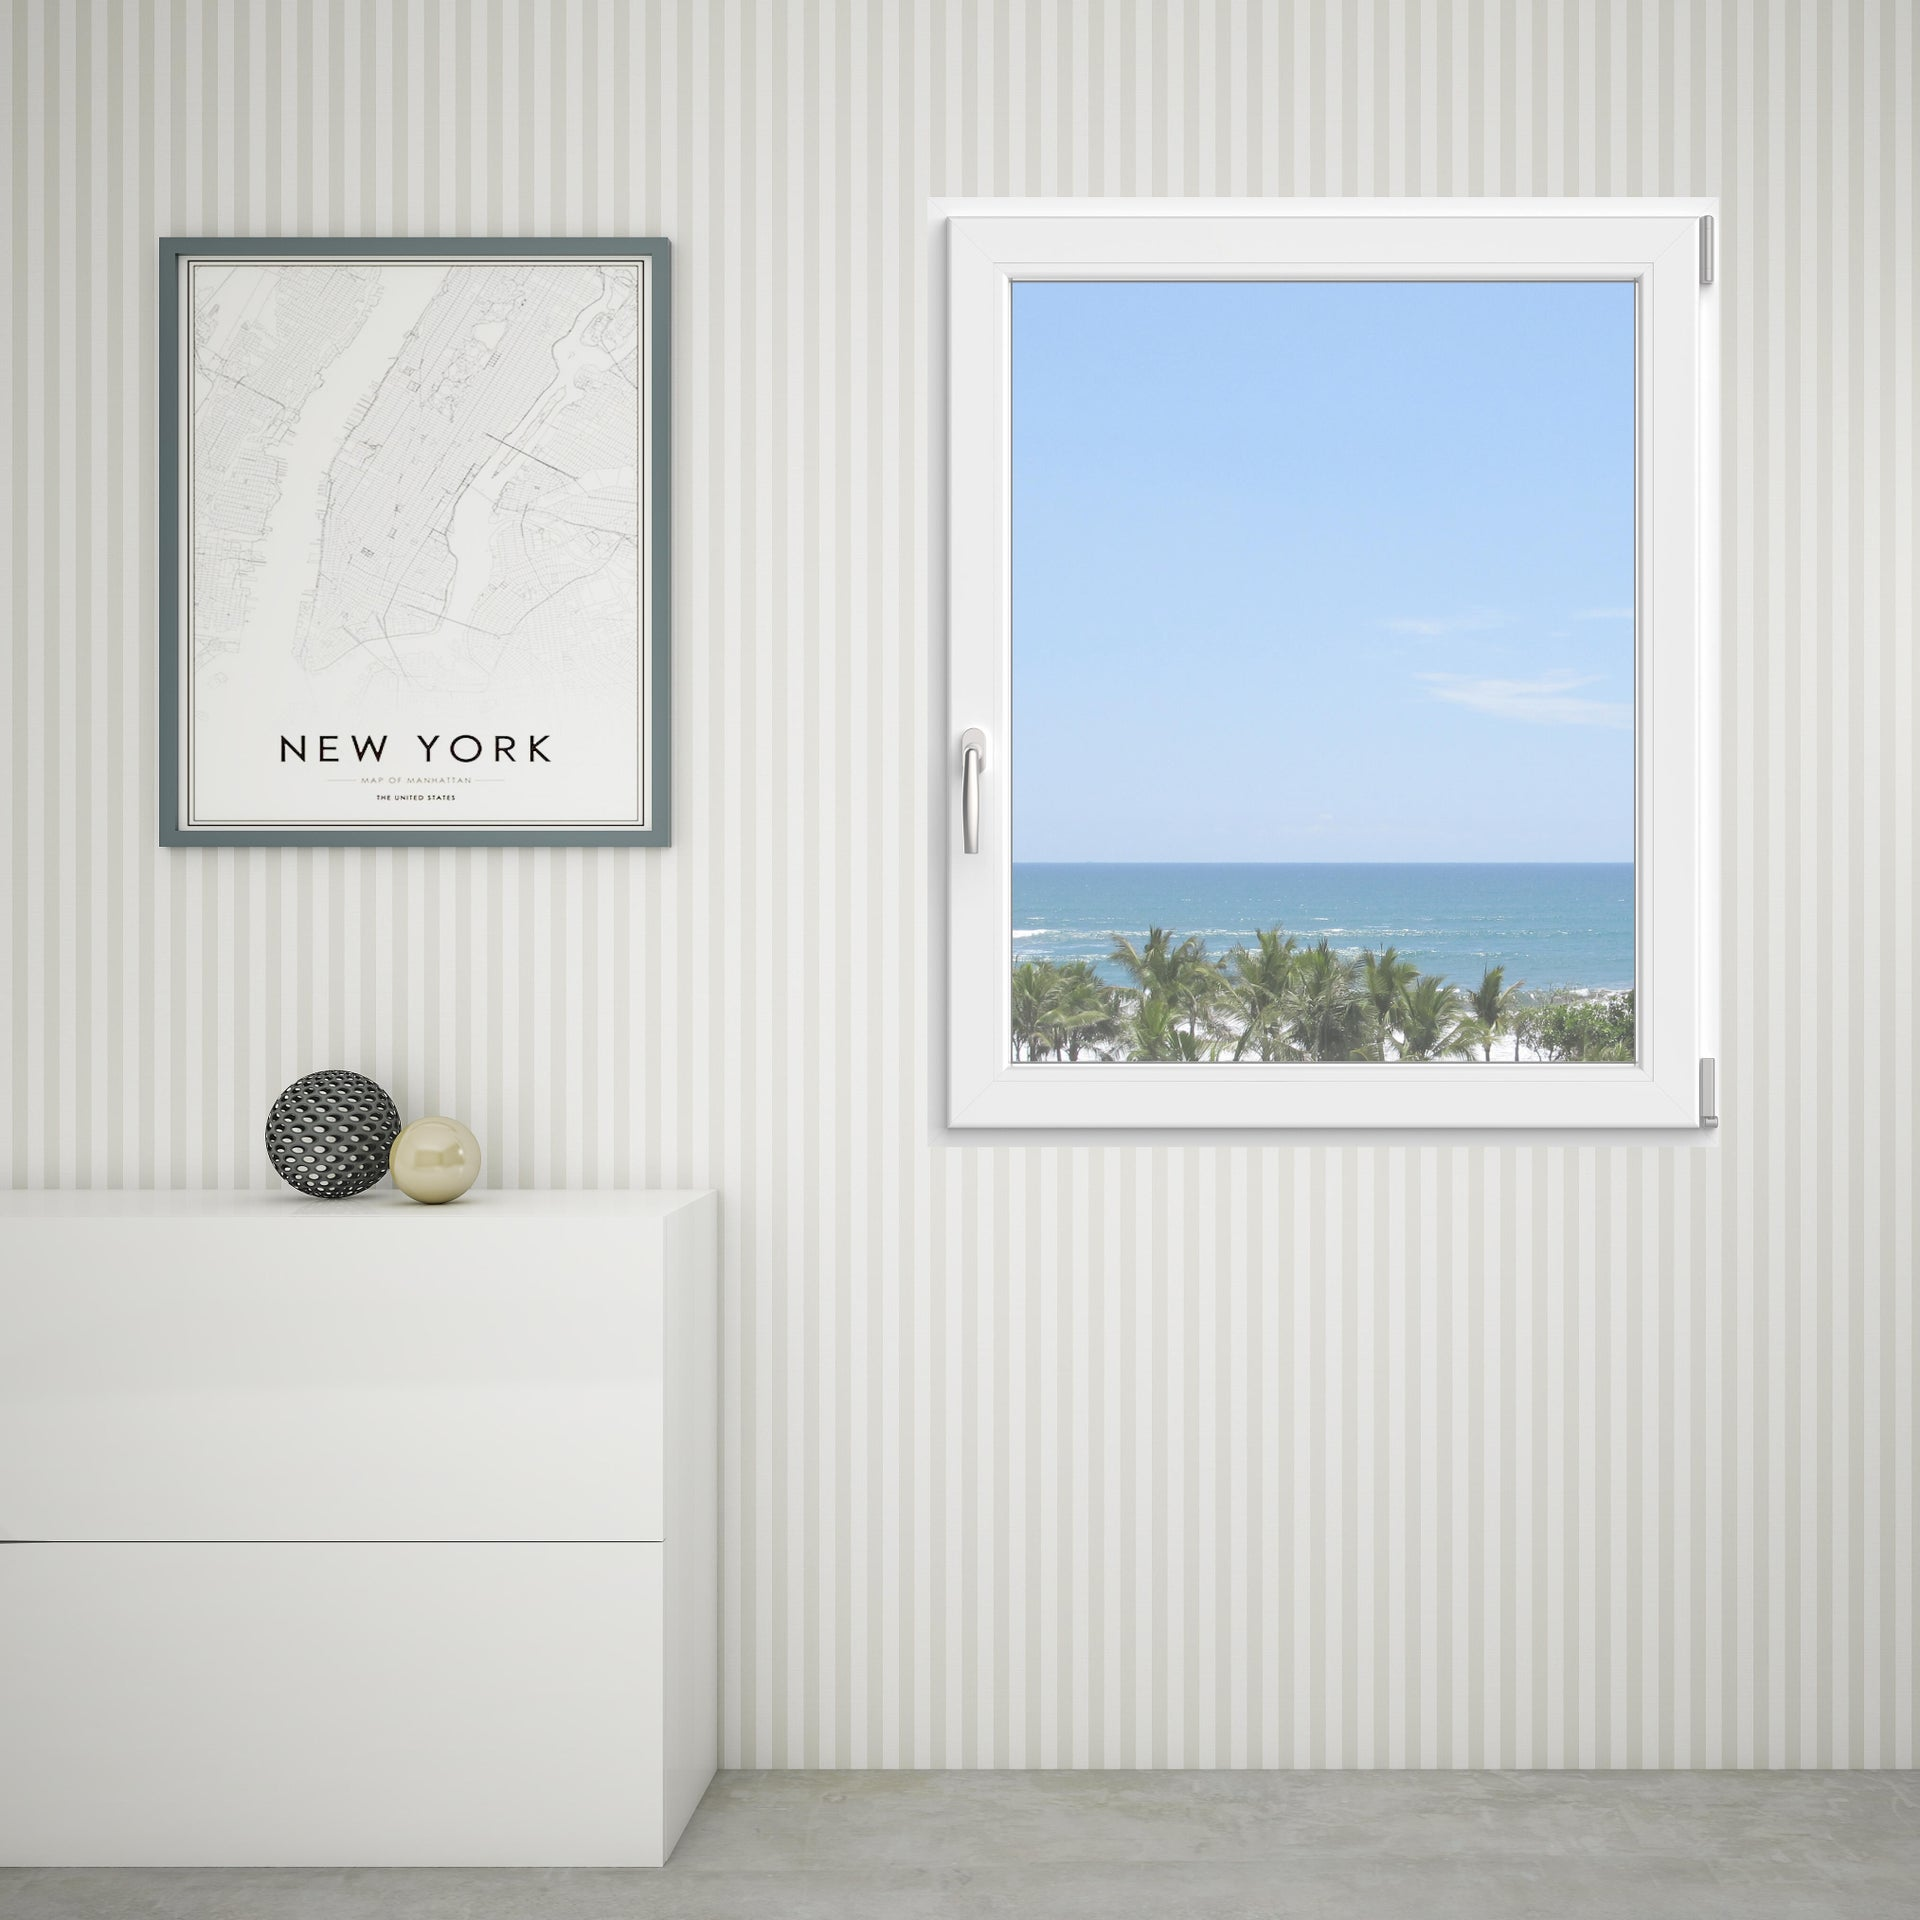 Finestra in pvc bianco L 100 x H 120 cm, 1 anta oscillo-battente apertura destra - 2